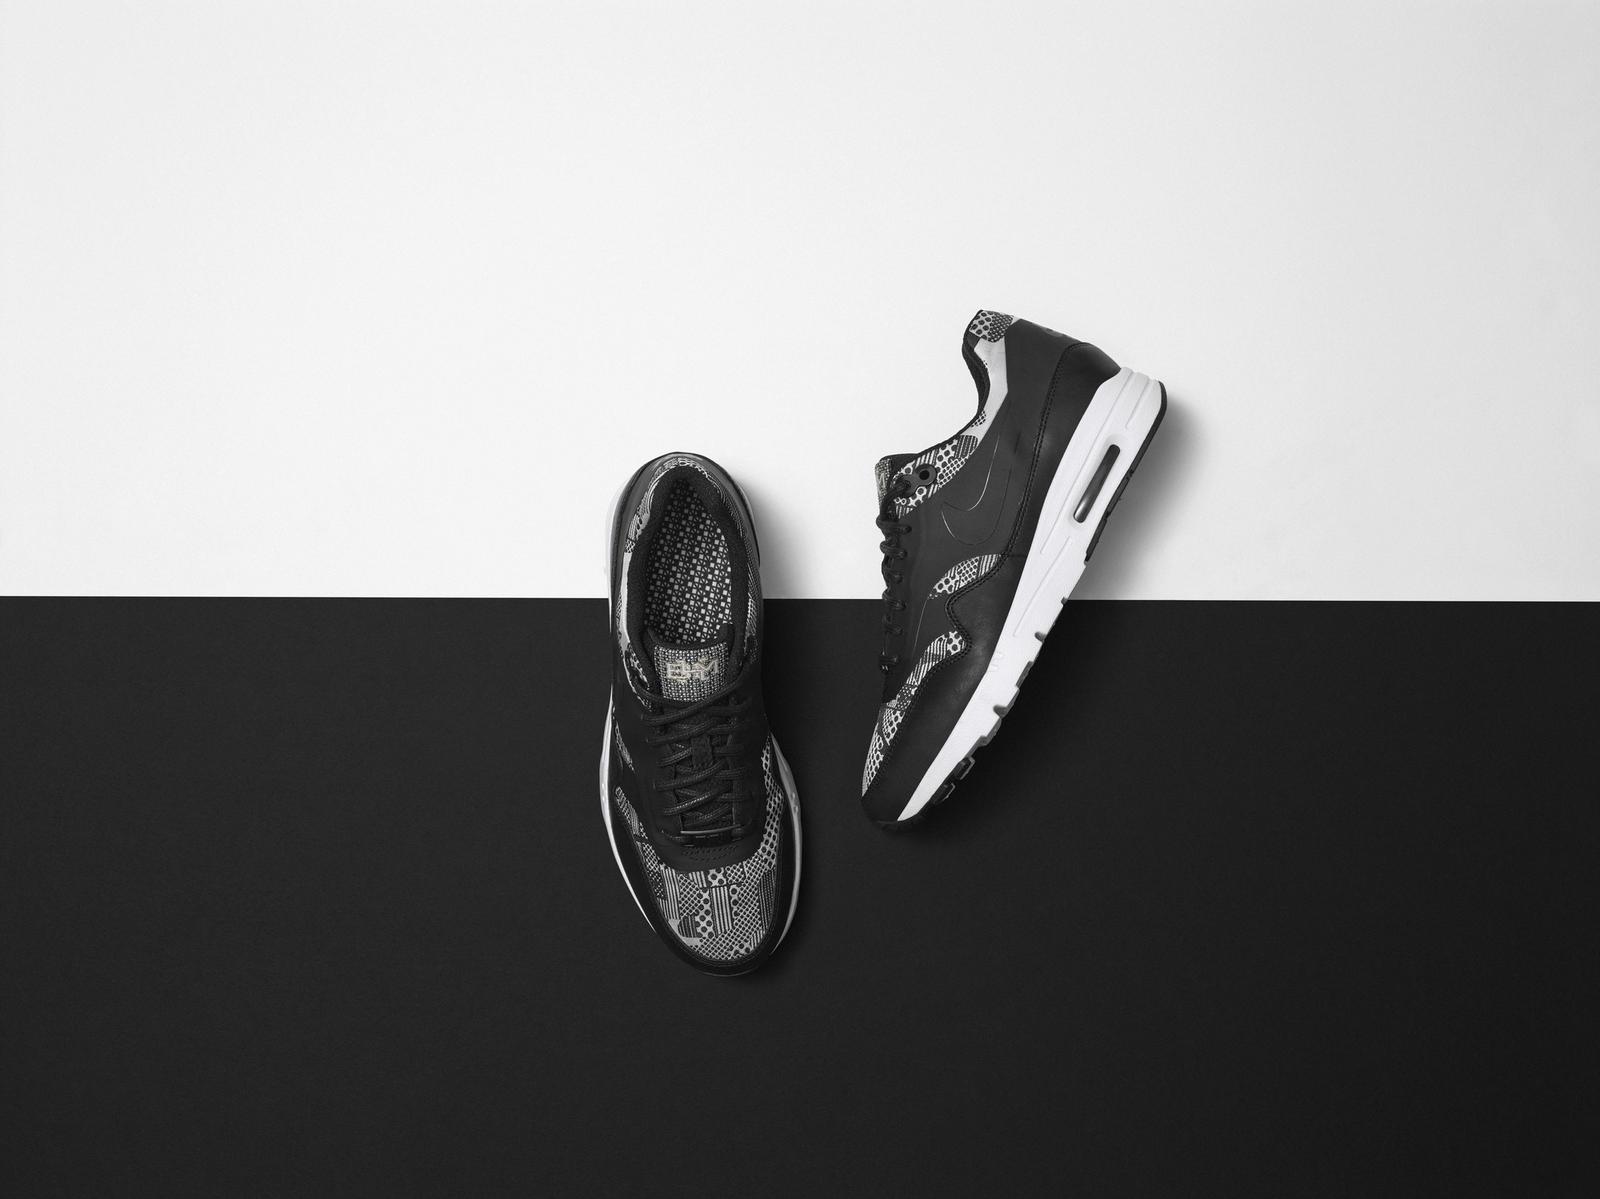 Nike_SP15_BHM_FTWR_WMNS_AMX1_Final_native_1600